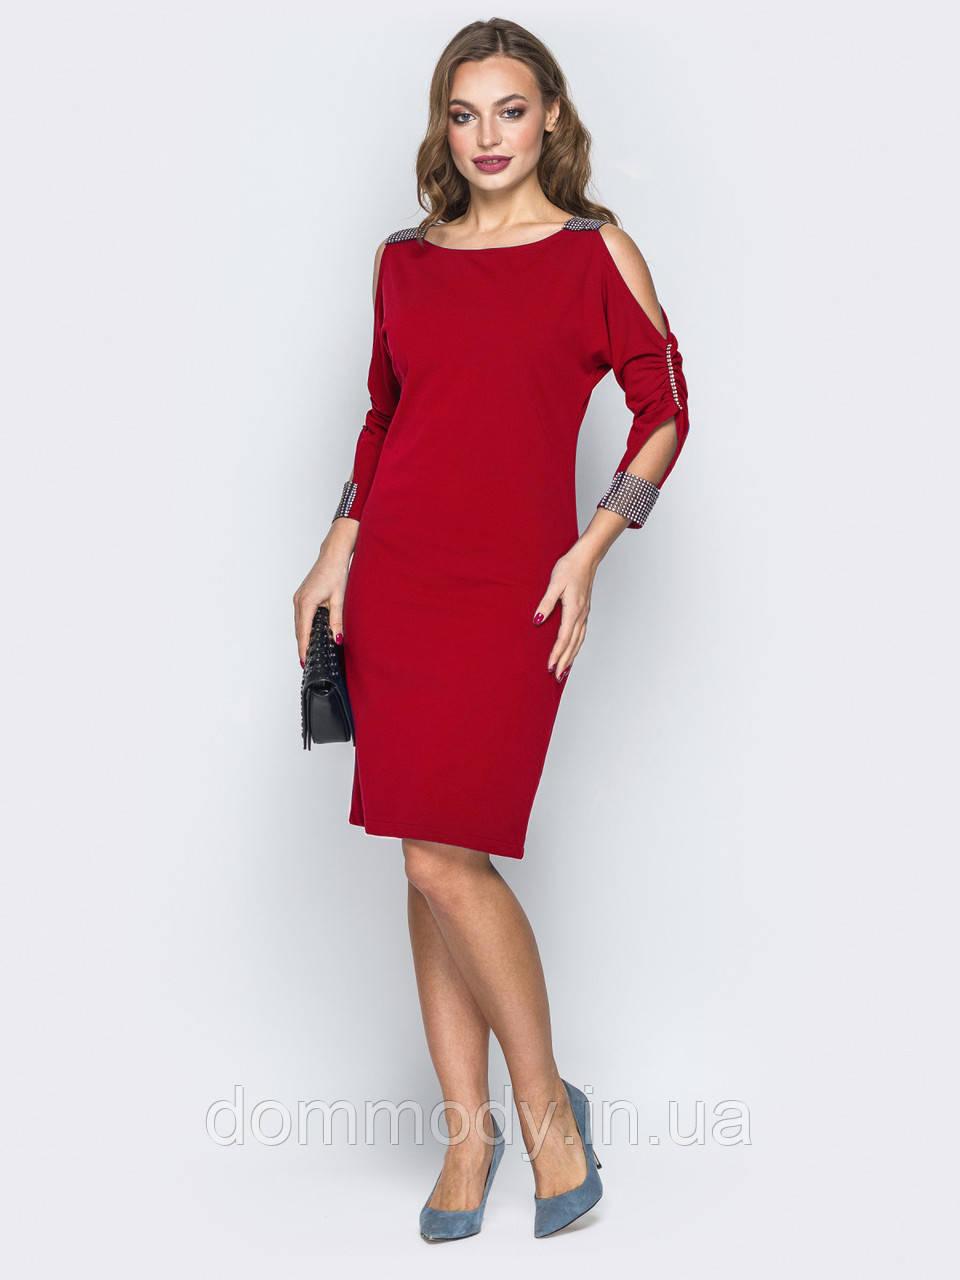 Платье женское Charlotte red